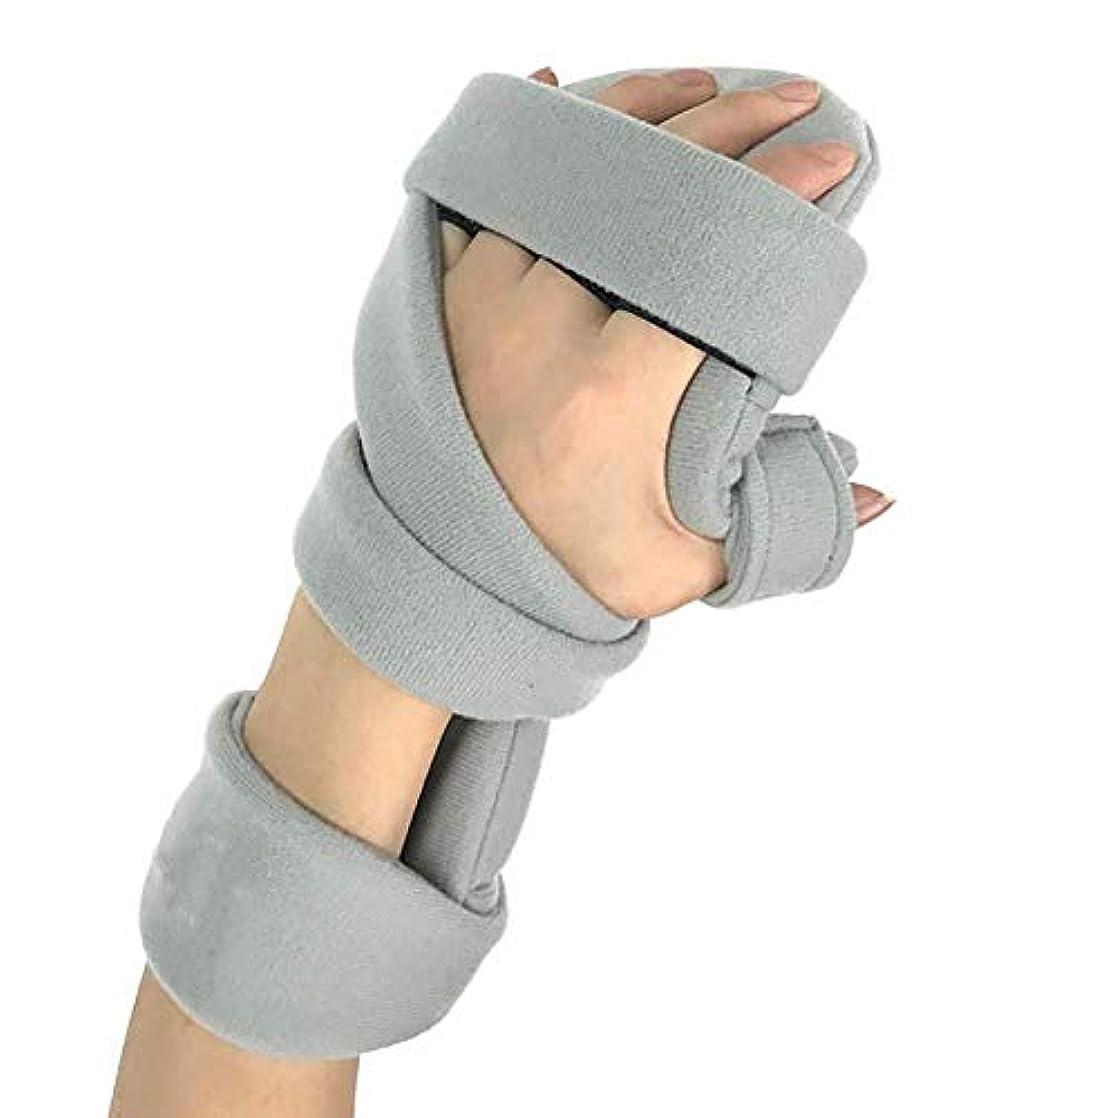 前述のボート心理的に指の怪我のサポート、脳卒中片麻痺患者のリハビリテーションツール支援の指の副木手袋,Right Hand